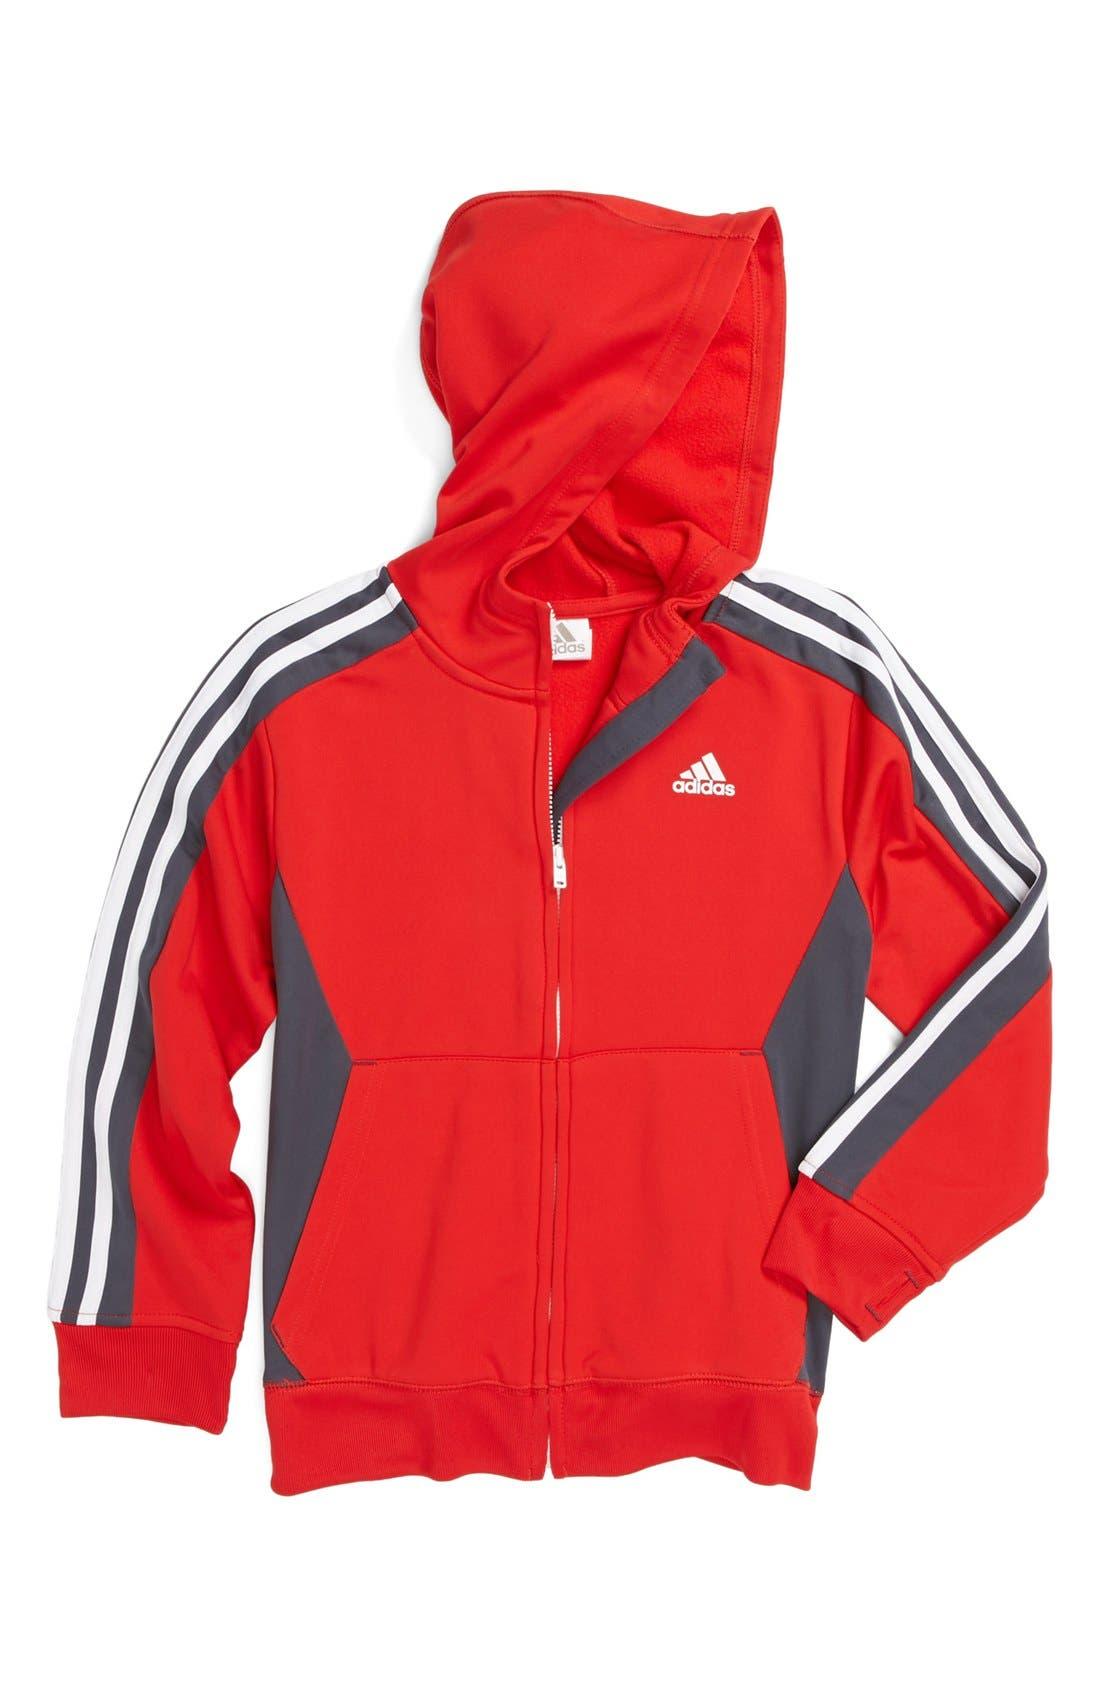 Main Image - adidas 'Prime' Jacket (Little Boys)